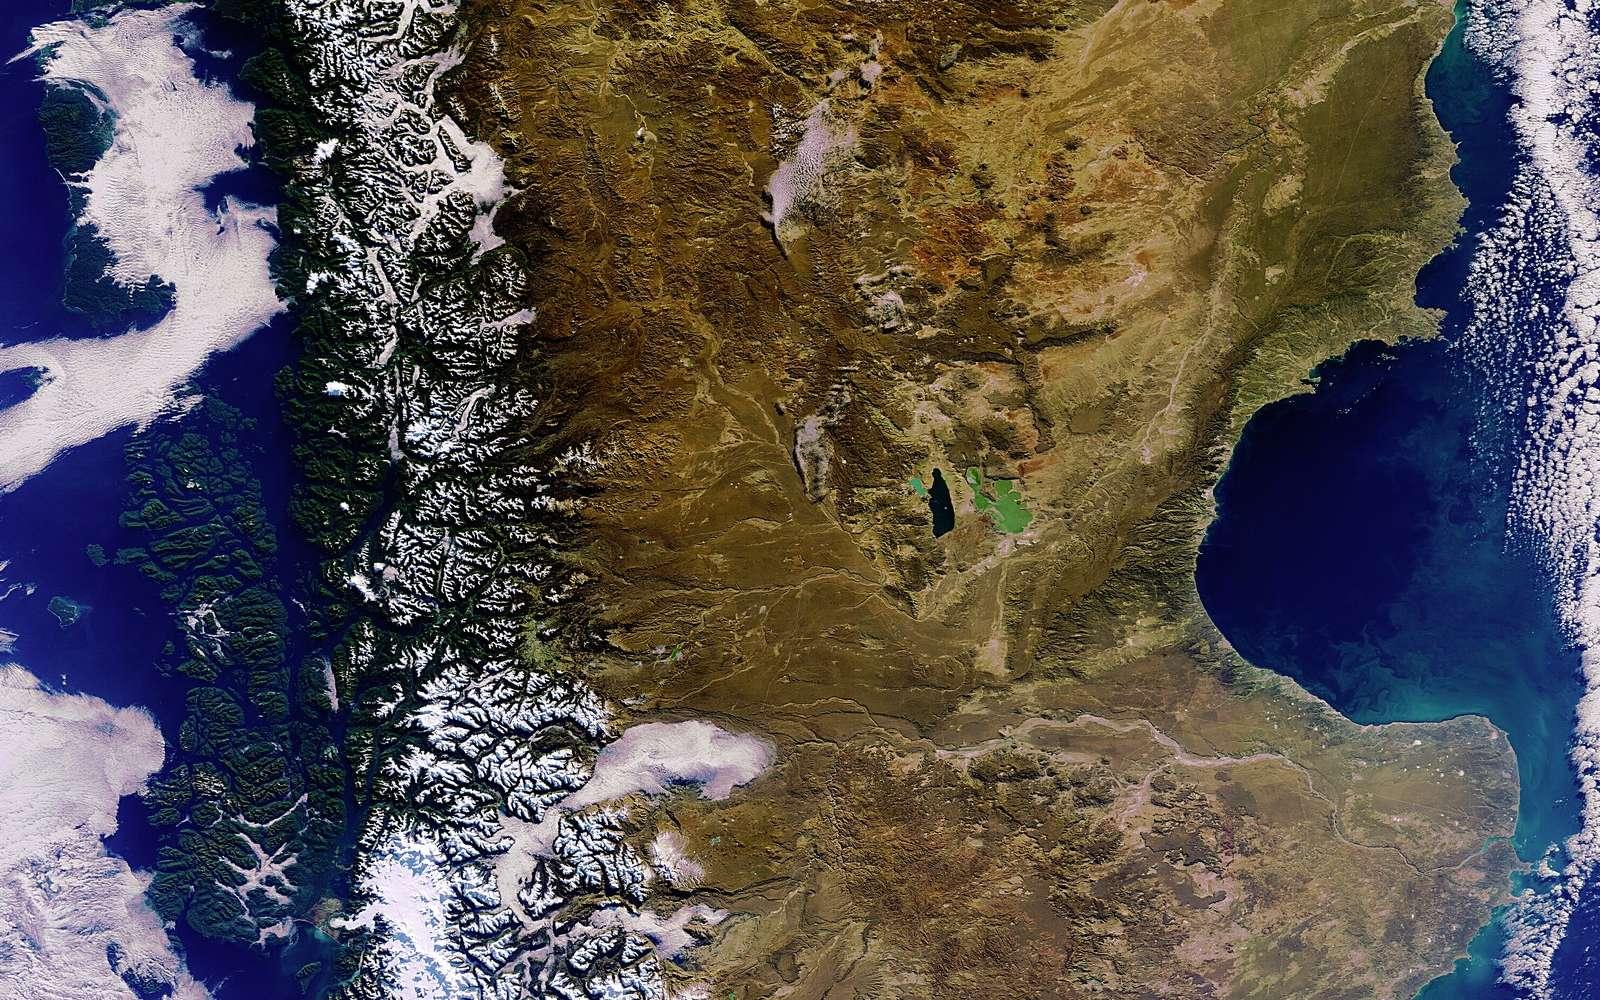 La pointe australe de l'Amérique du Sud photographiée le 3 juin 2011 par la caméra Meris du satellite Envisat. © Esa